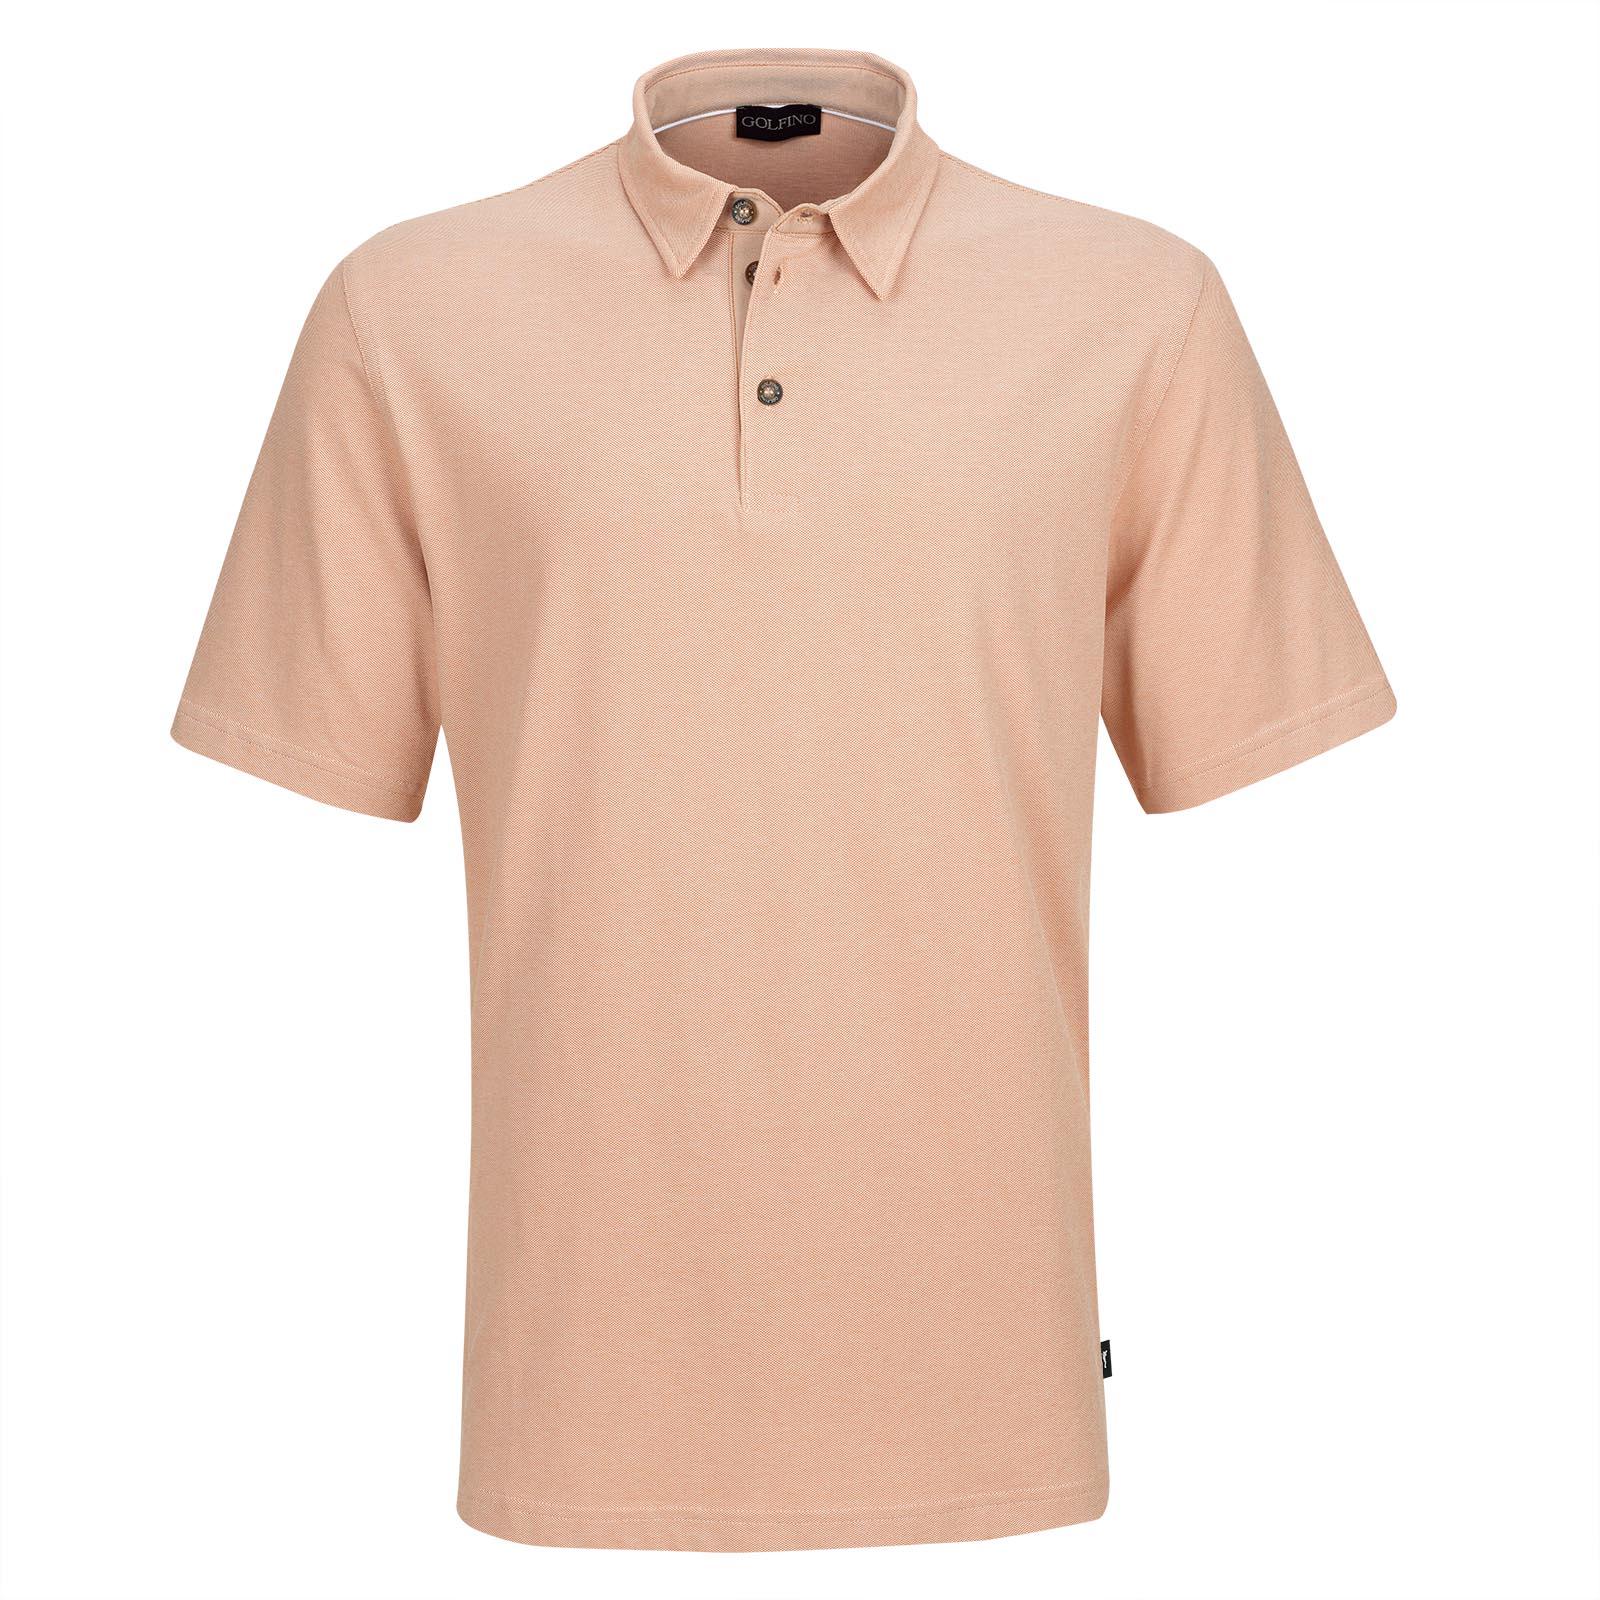 Herren Kurzarm Golf-Piqué mit UV-Schutz und Stretchfunktion